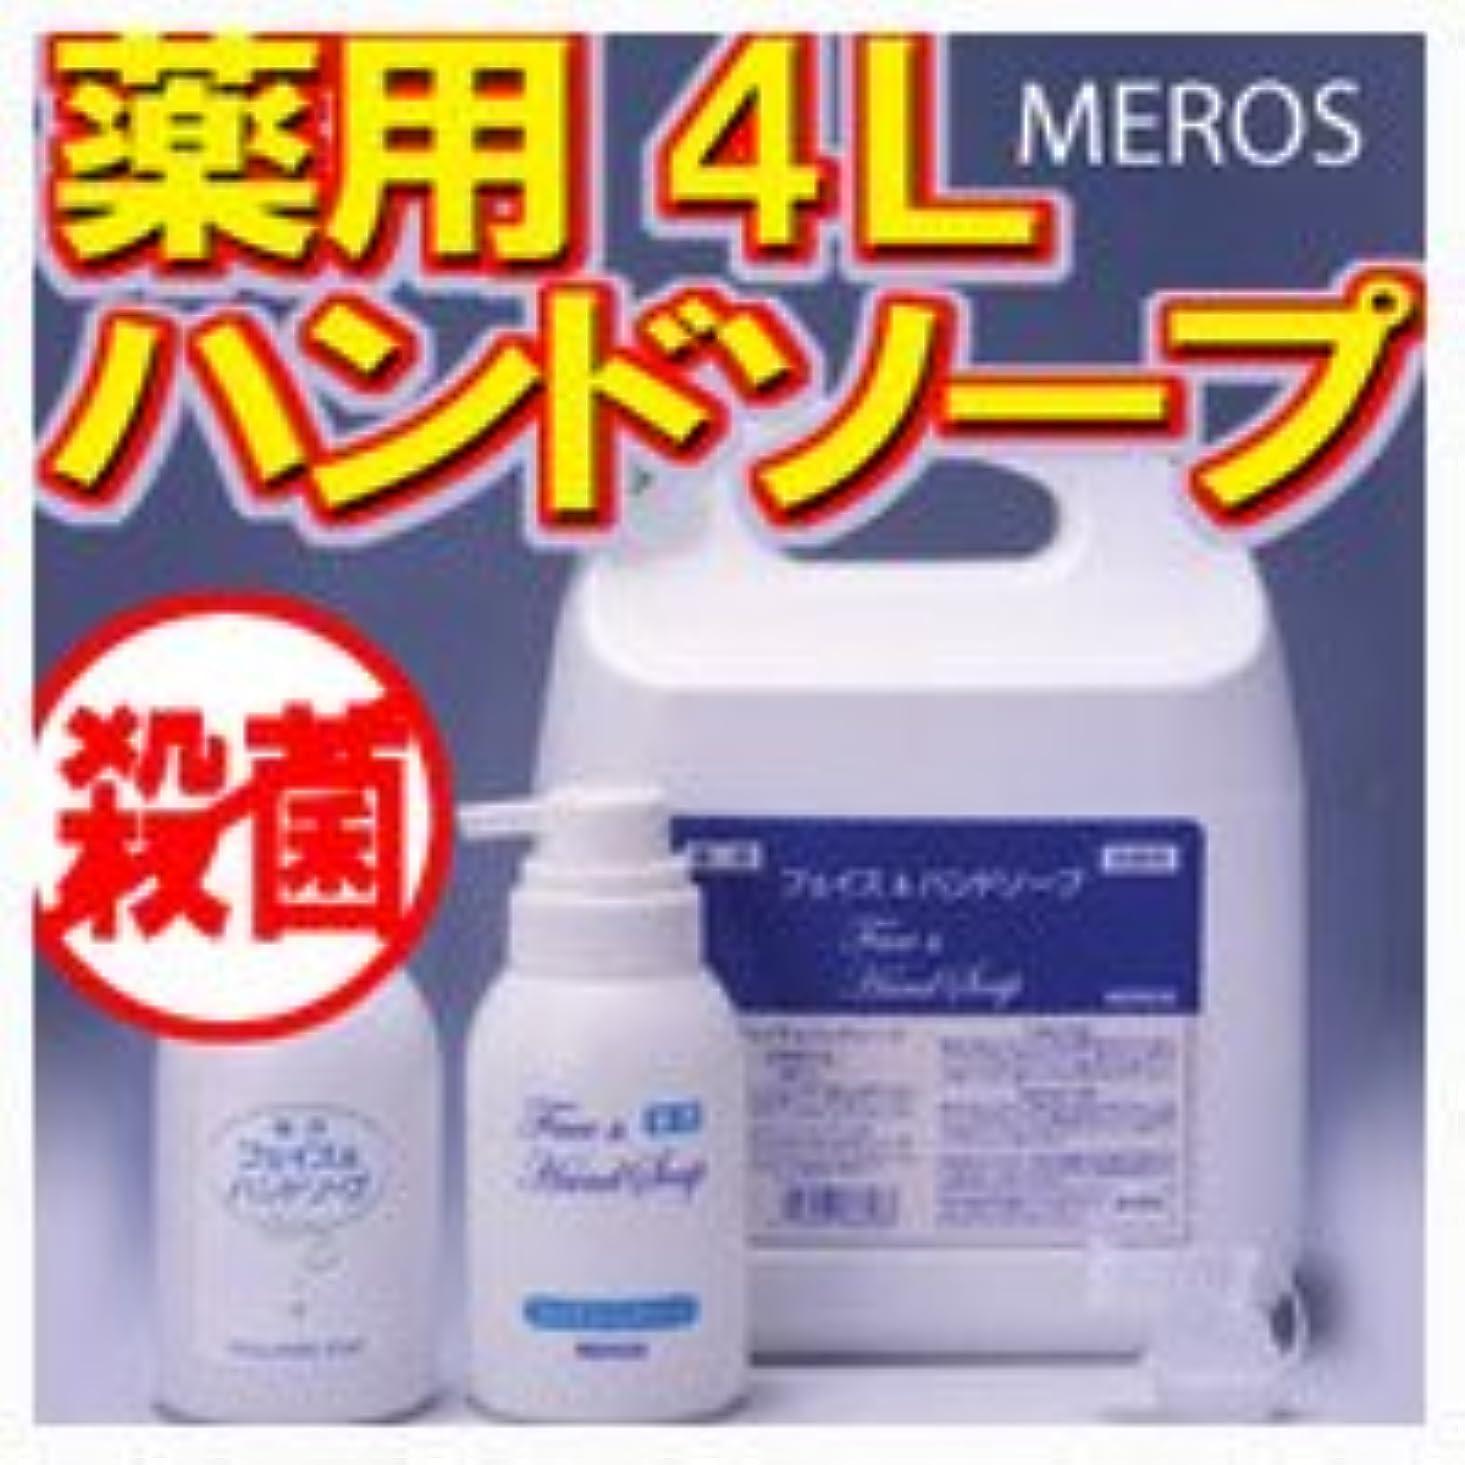 顎テザーびんメロス 薬用ハンドソープ 4L 【泡ポンプボトル付き】